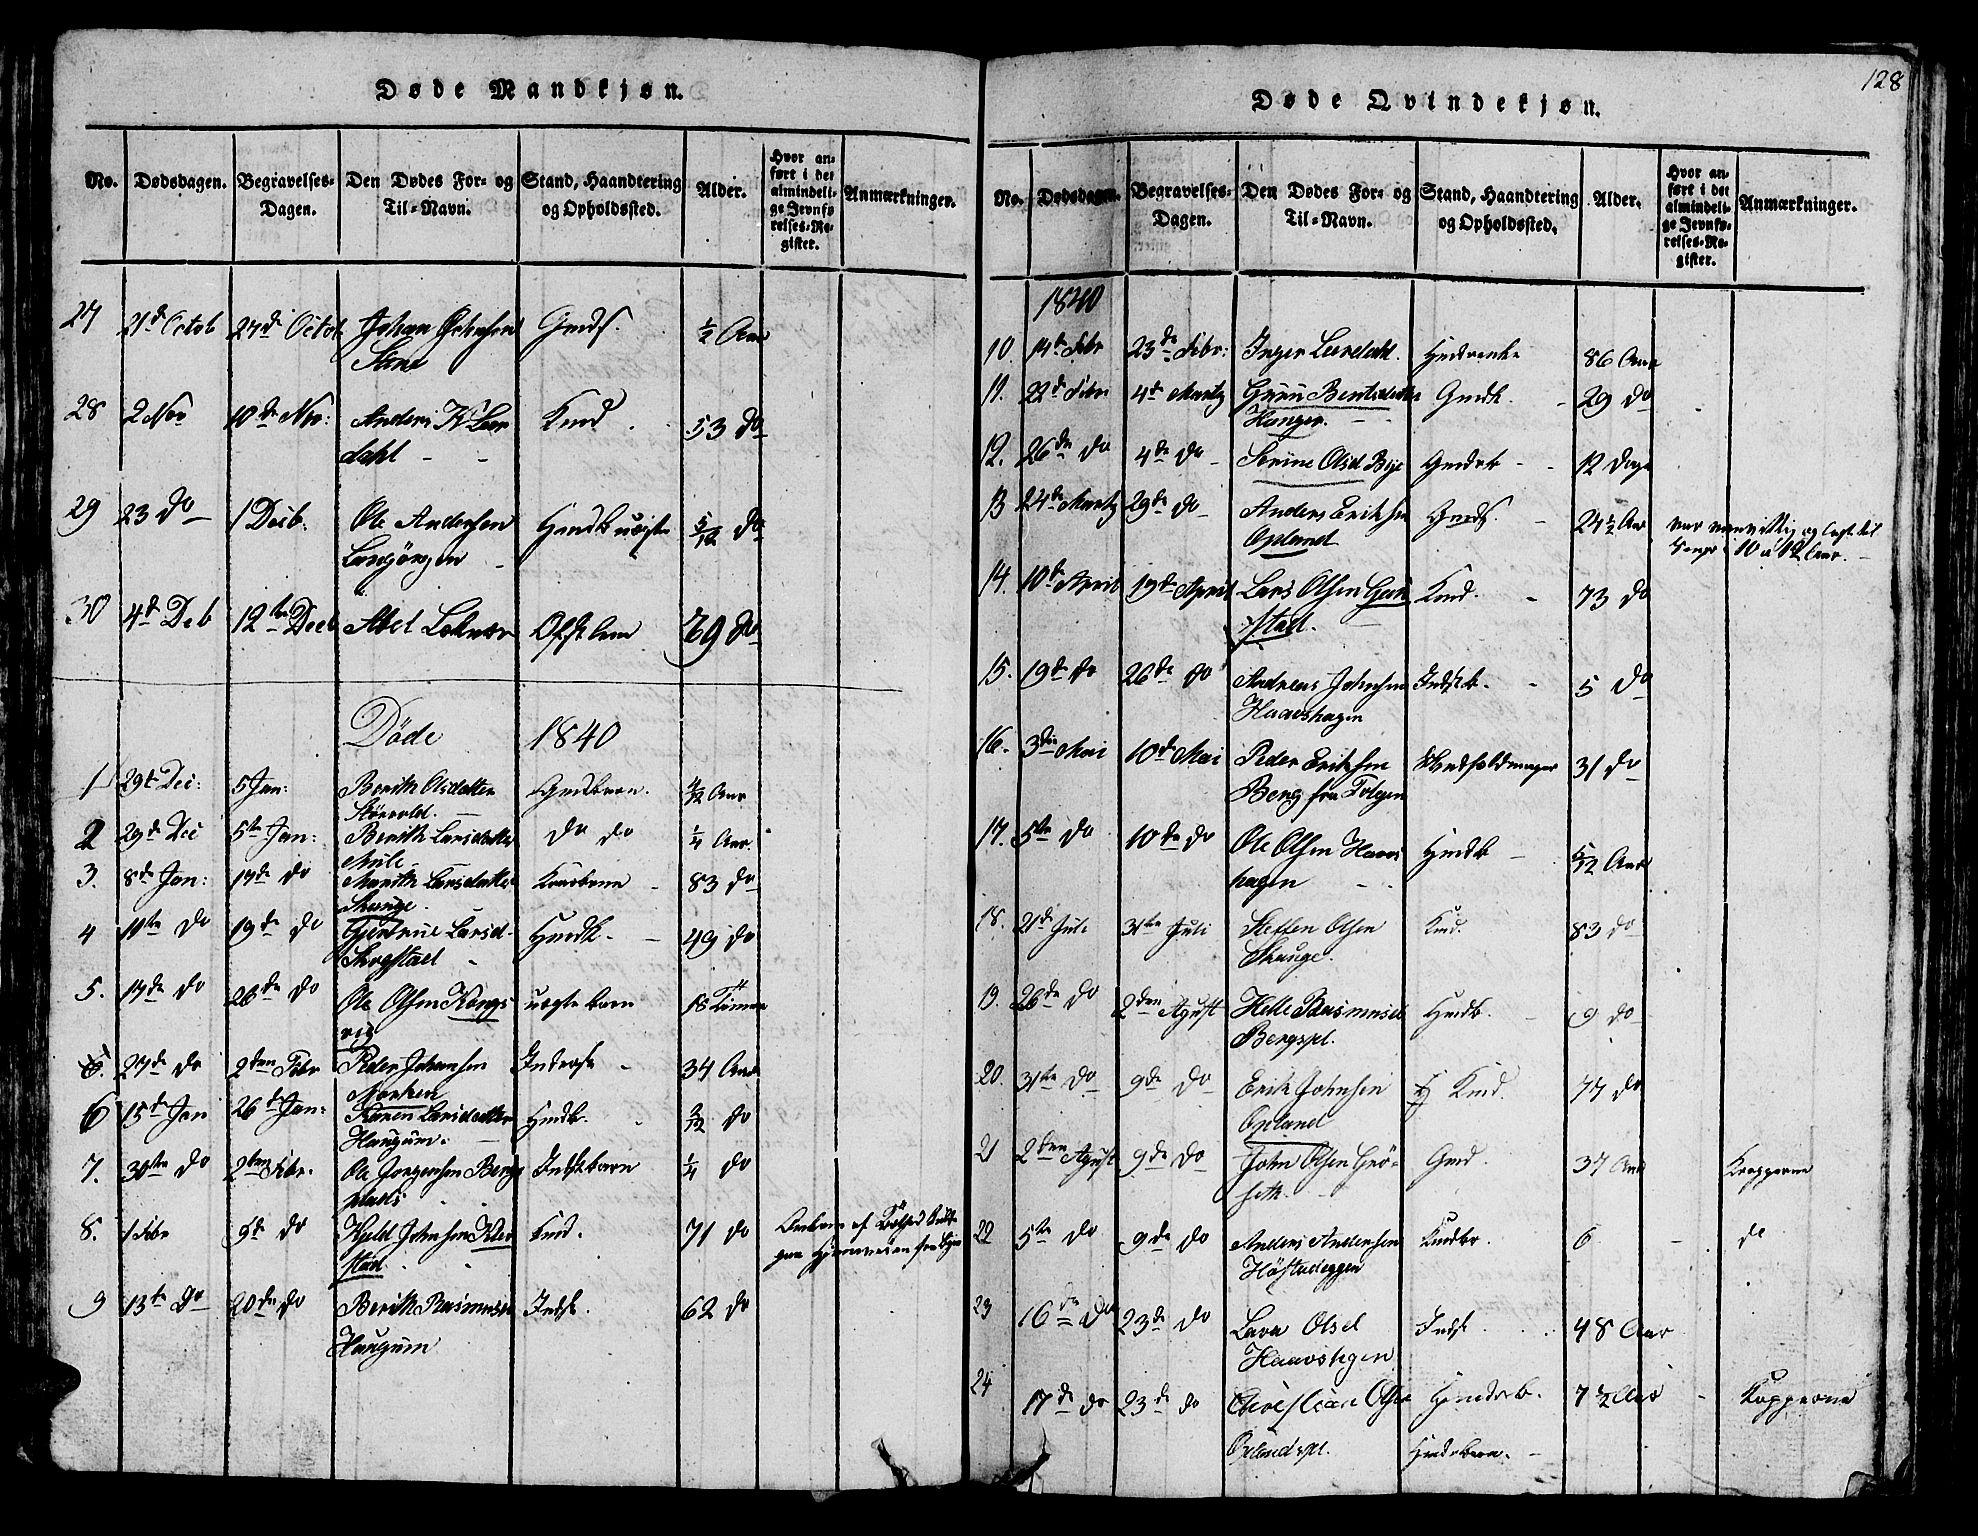 SAT, Ministerialprotokoller, klokkerbøker og fødselsregistre - Sør-Trøndelag, 612/L0385: Klokkerbok nr. 612C01, 1816-1845, s. 128